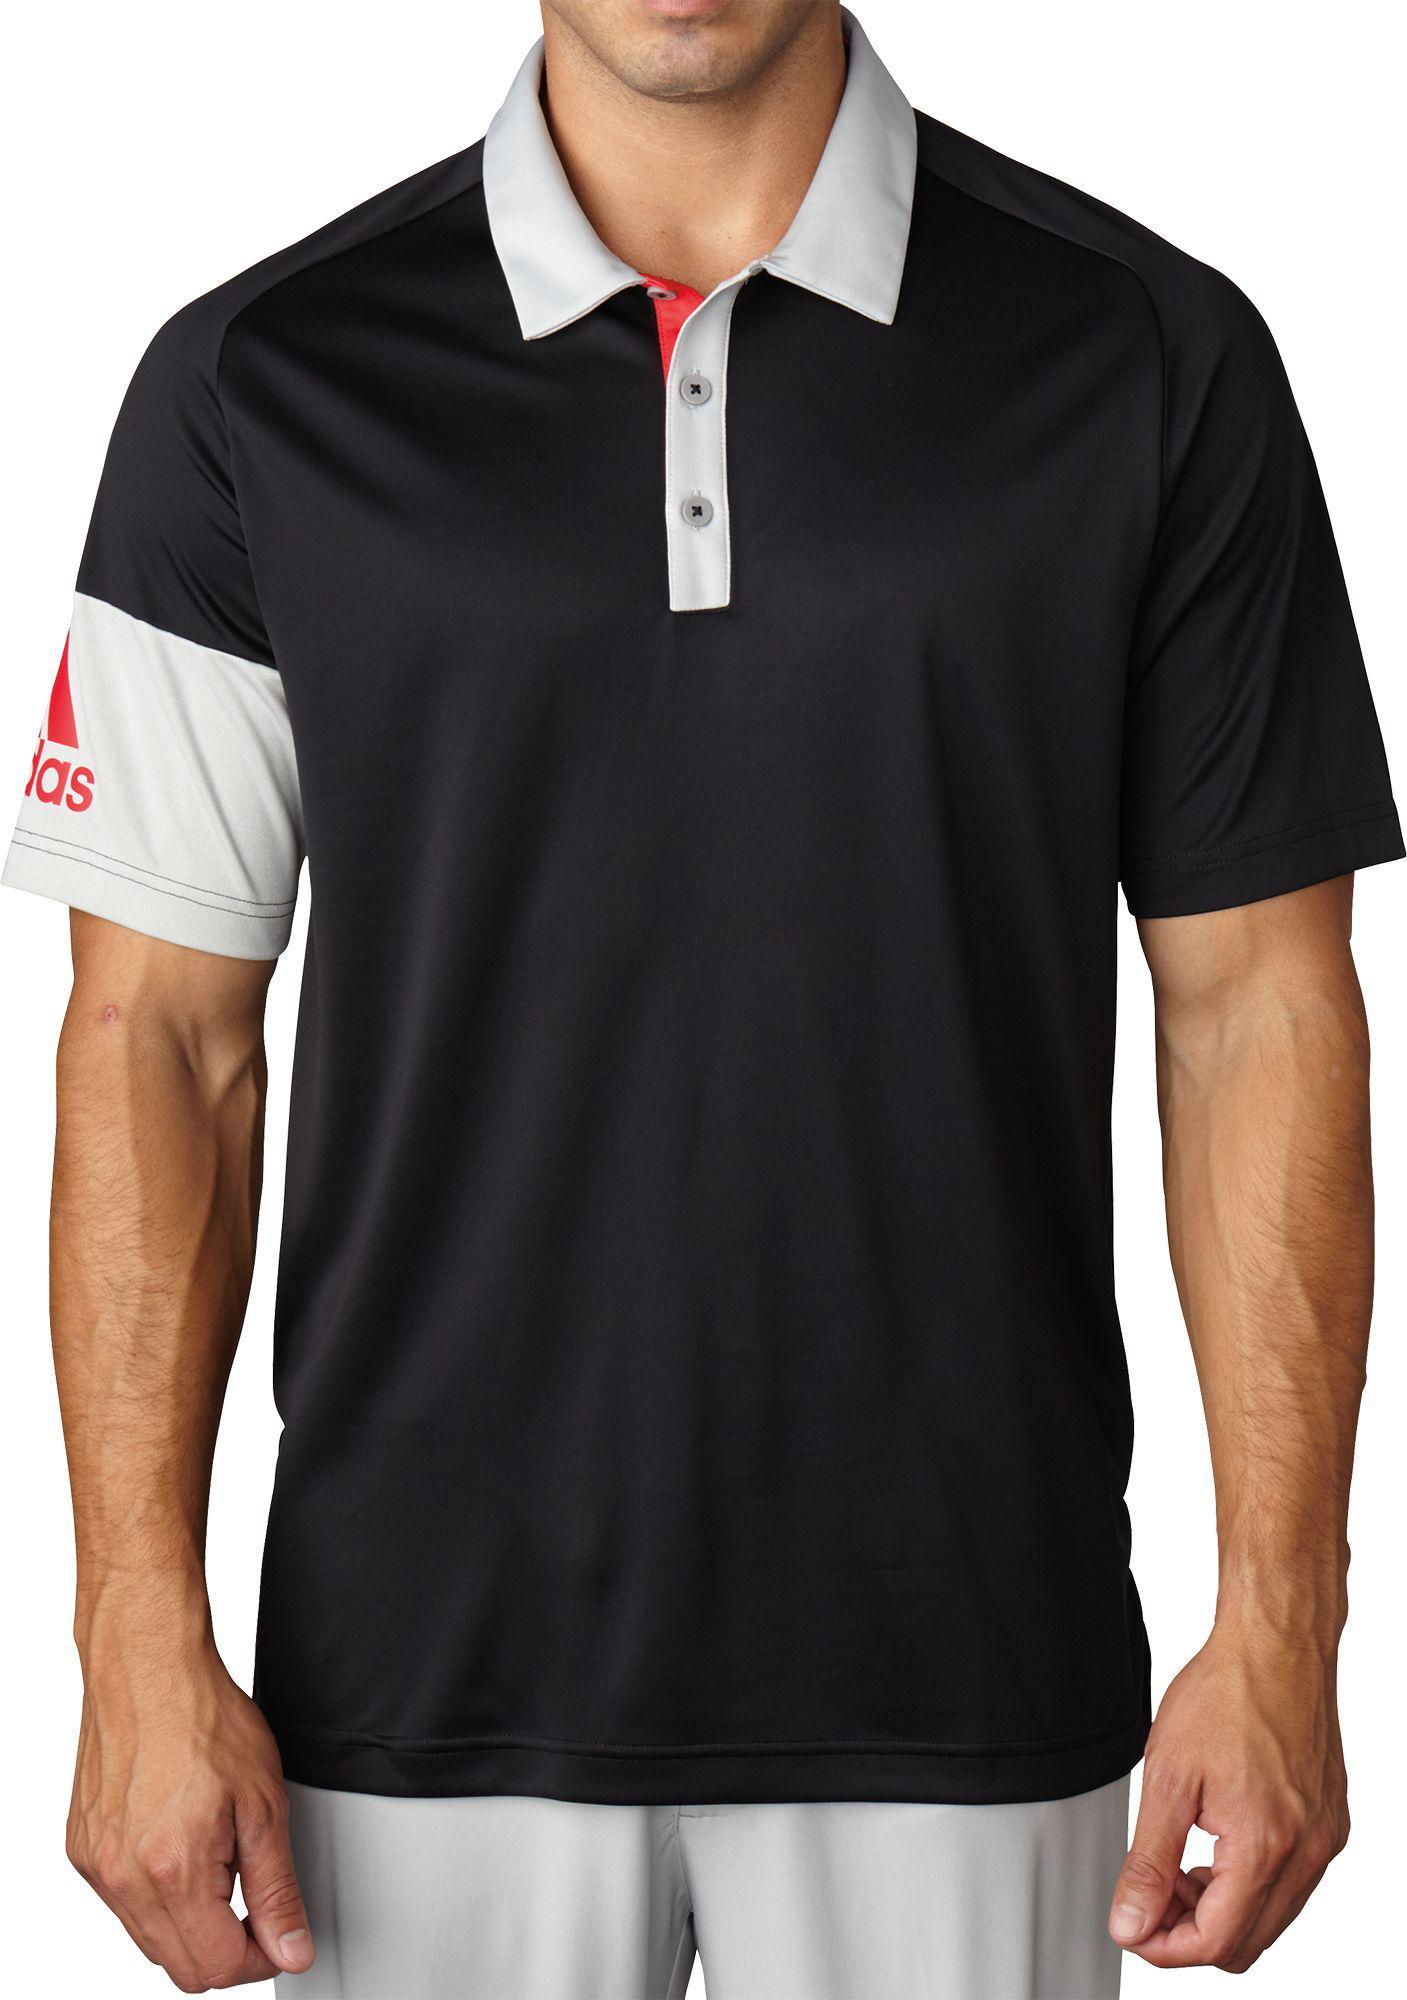 fd4512789090d Adidas Golf Climacool Gradient Block Polo Shirt | Azərbaycan Dillər ...